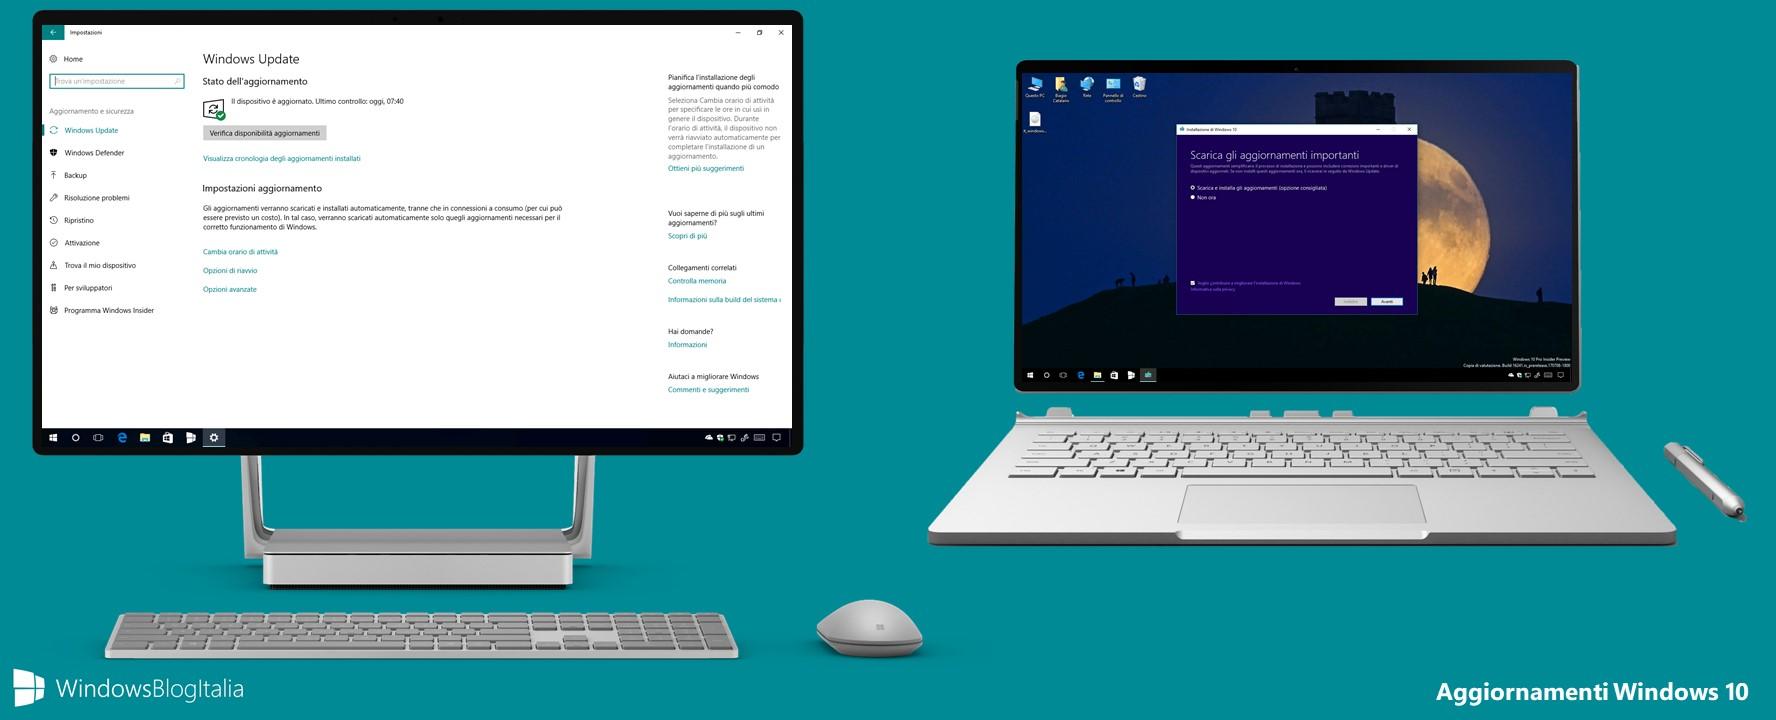 Come verificare se il proprio PC/tablet è in grado di installare la versione più recente di Windows 10